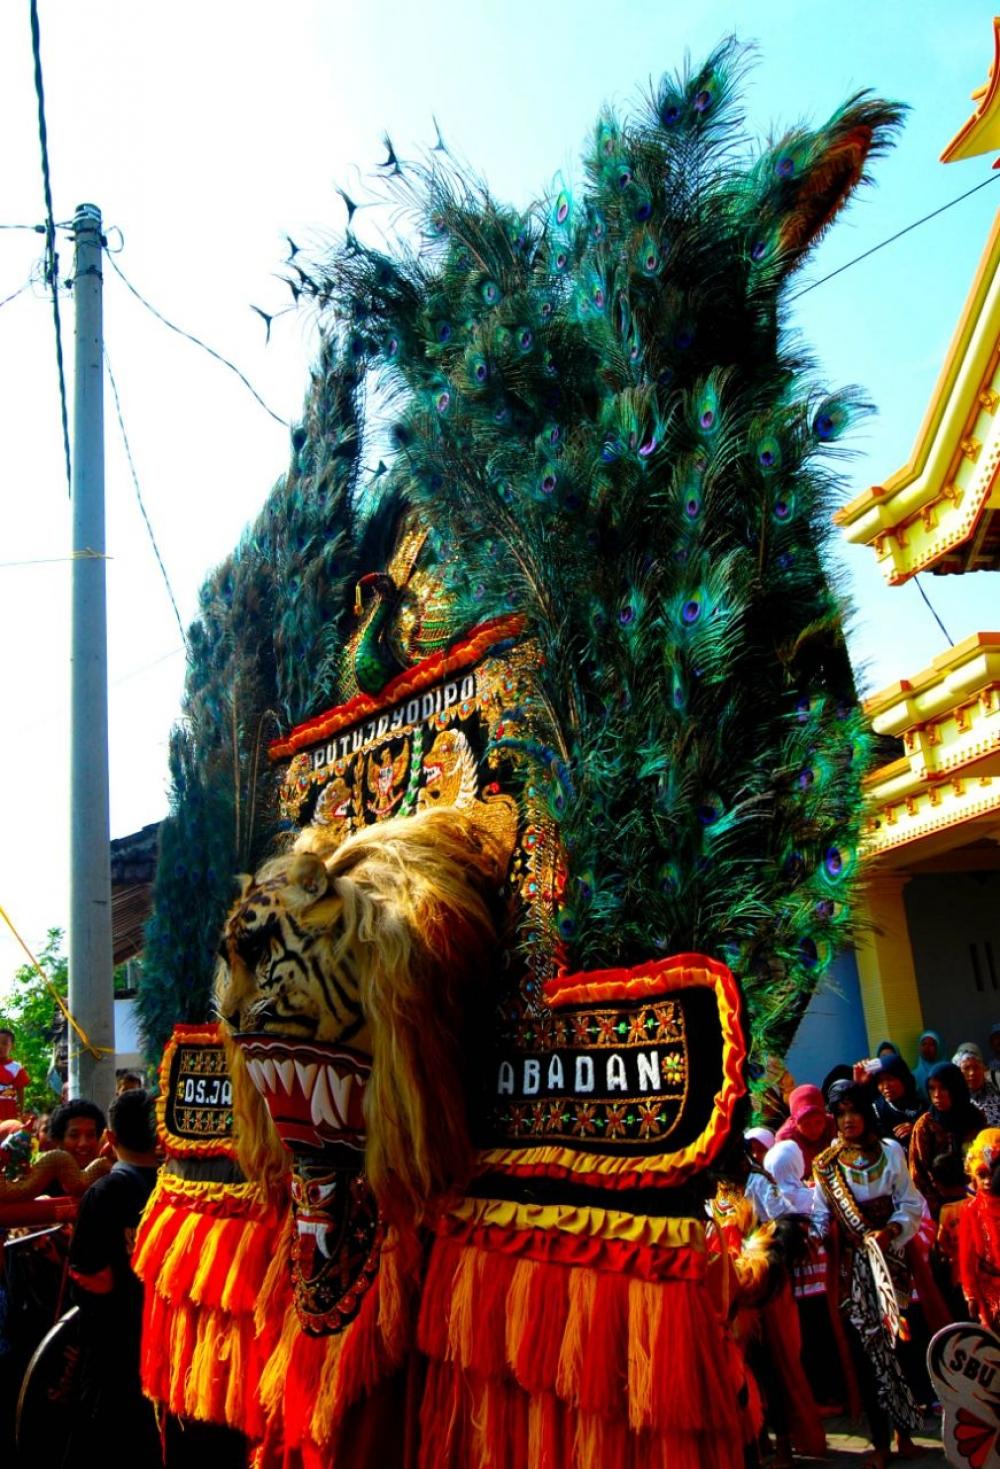 Ponorogo bangga punya reog good news from indonesia ponorogo bangga punya reog thecheapjerseys Gallery